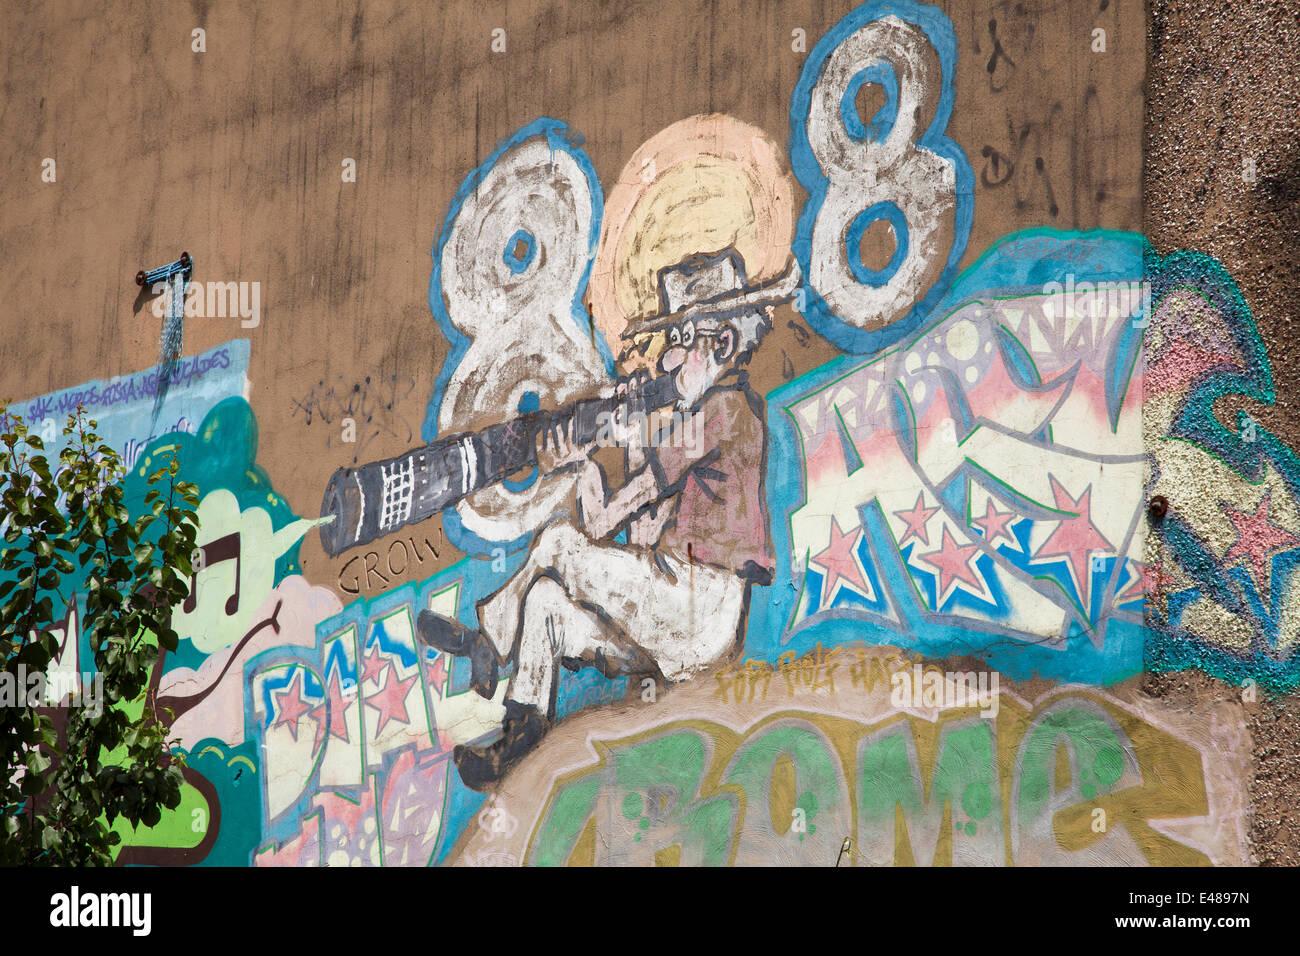 El Shoreham Street, Sheffield, Reino Unido, 5 de julio de 2014. Un mural de Rolf Harris en el edificio de archivos de Sheffield se pinta de nuevo después de que el animador y artista fue encarcelado por 5 años y 9 meses por atentado contra el pudor. Rolf Harris pintó el autorretrato en la década de 1990 en el edificio en el centro de la ciudad Sheffeild. Crédito: Mark Richardson/Alamy Live News Foto de stock